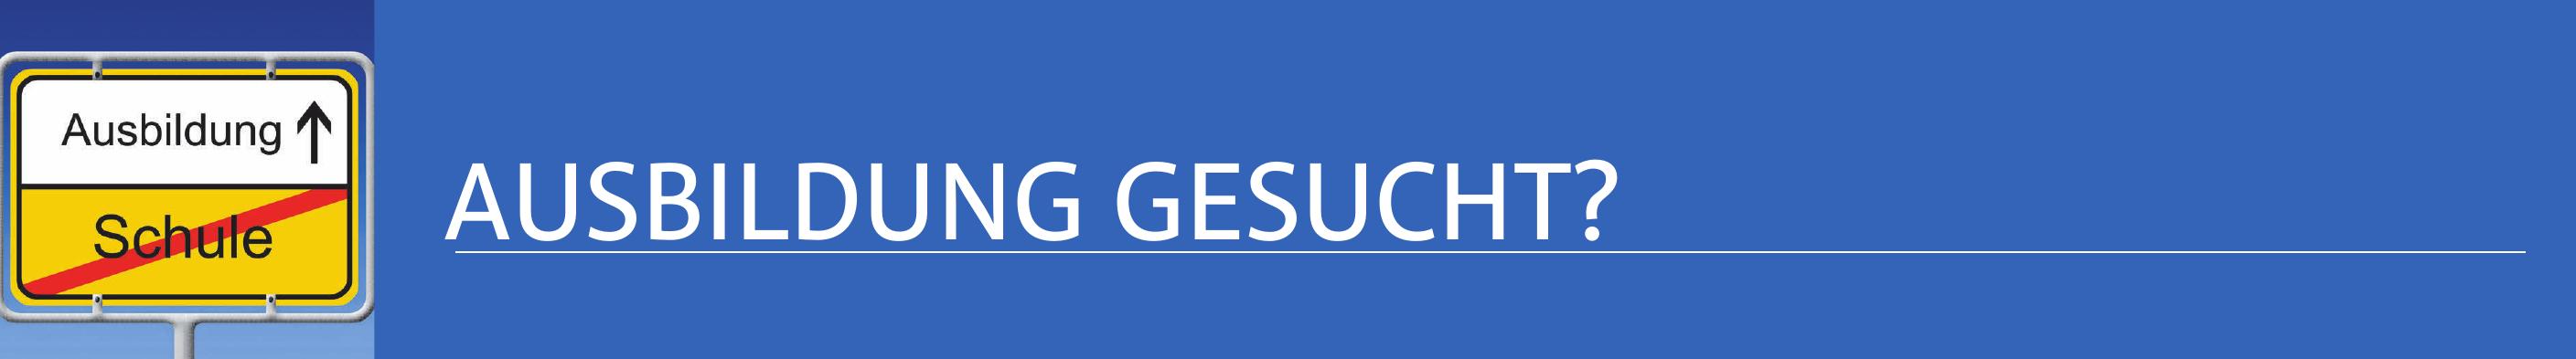 Durchstarten mit Helmut Zepf Medizintechnik GmbH Image 1